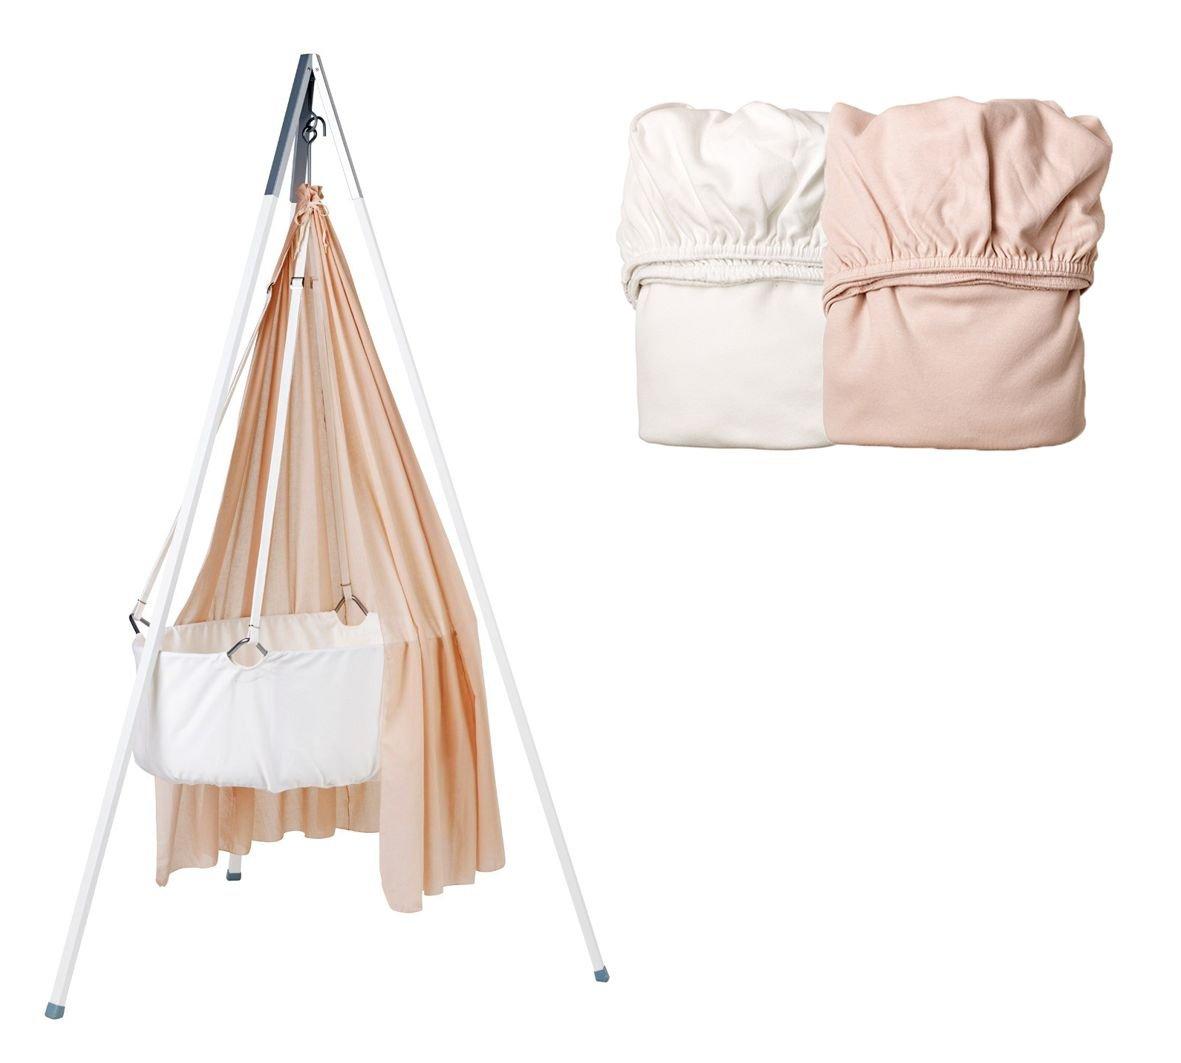 Wiegen-SET - Wiege mit Schleier soft pink, Stativ weiß und 2 Stück Spannbetttücher 1x soft pink/ 1x weiß